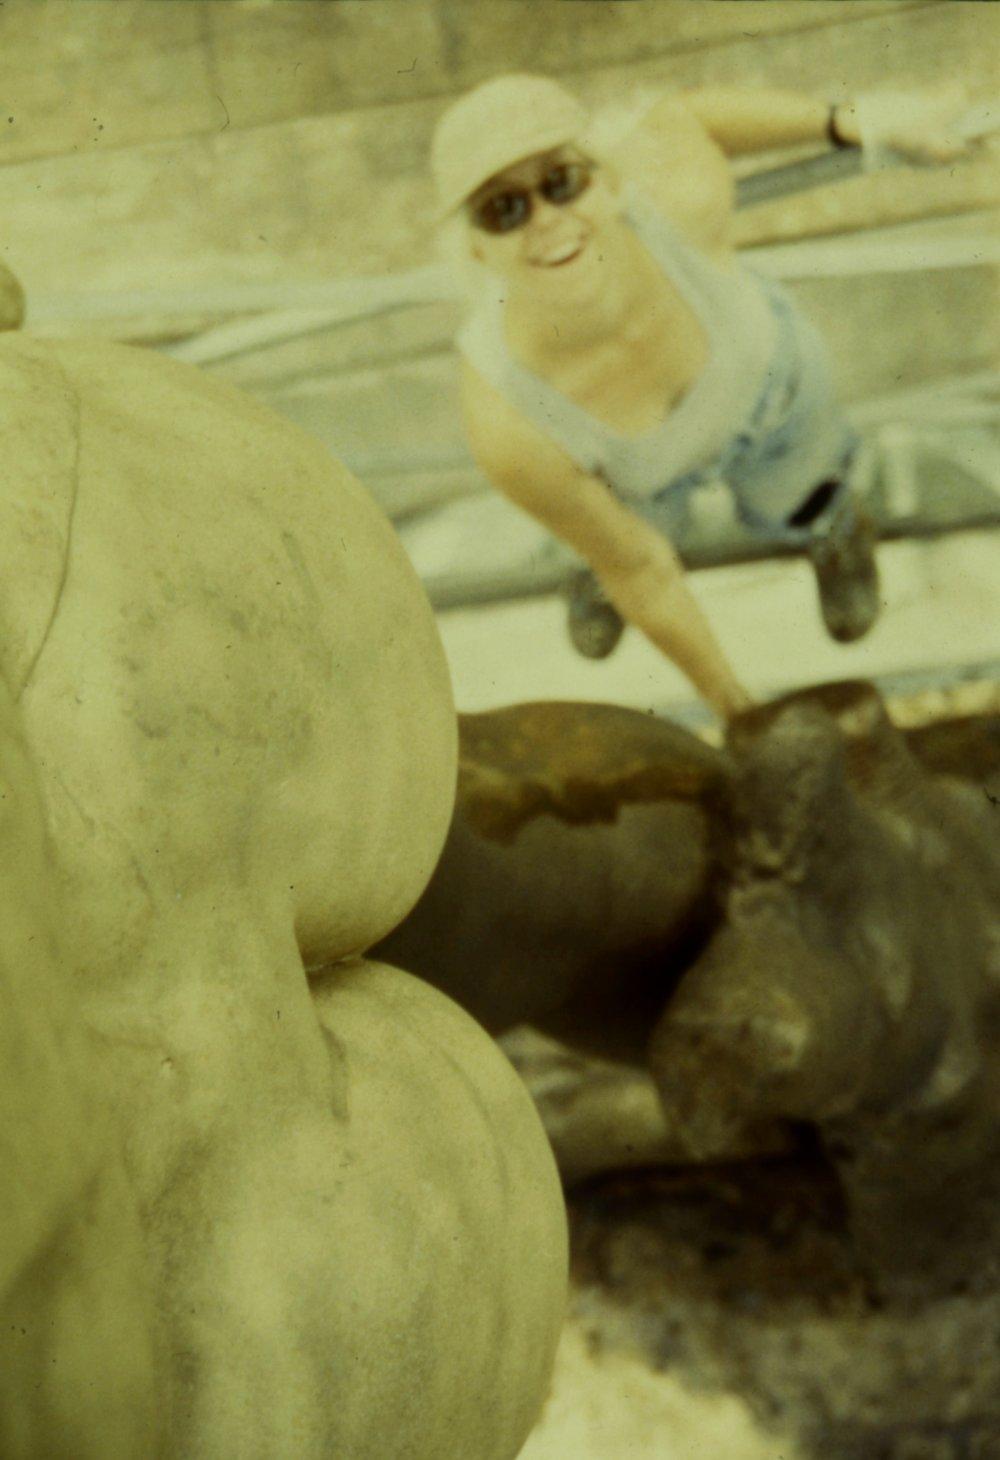 Bronze cast of Michelangelo's David sculpture